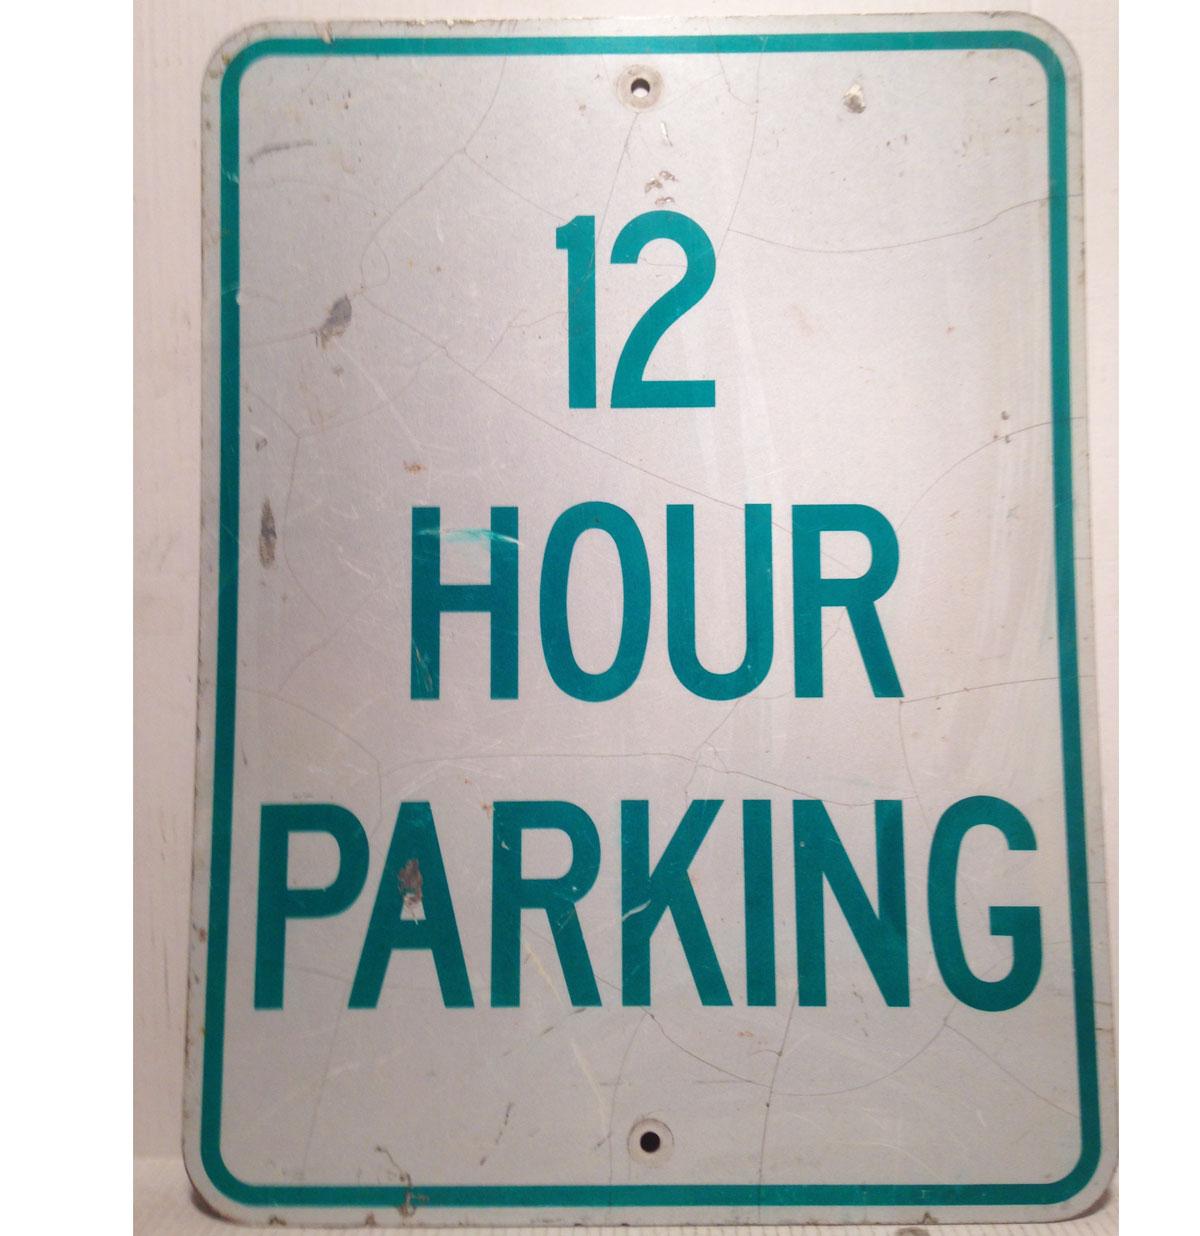 12 Hour Parking Straat Bord - Origineel